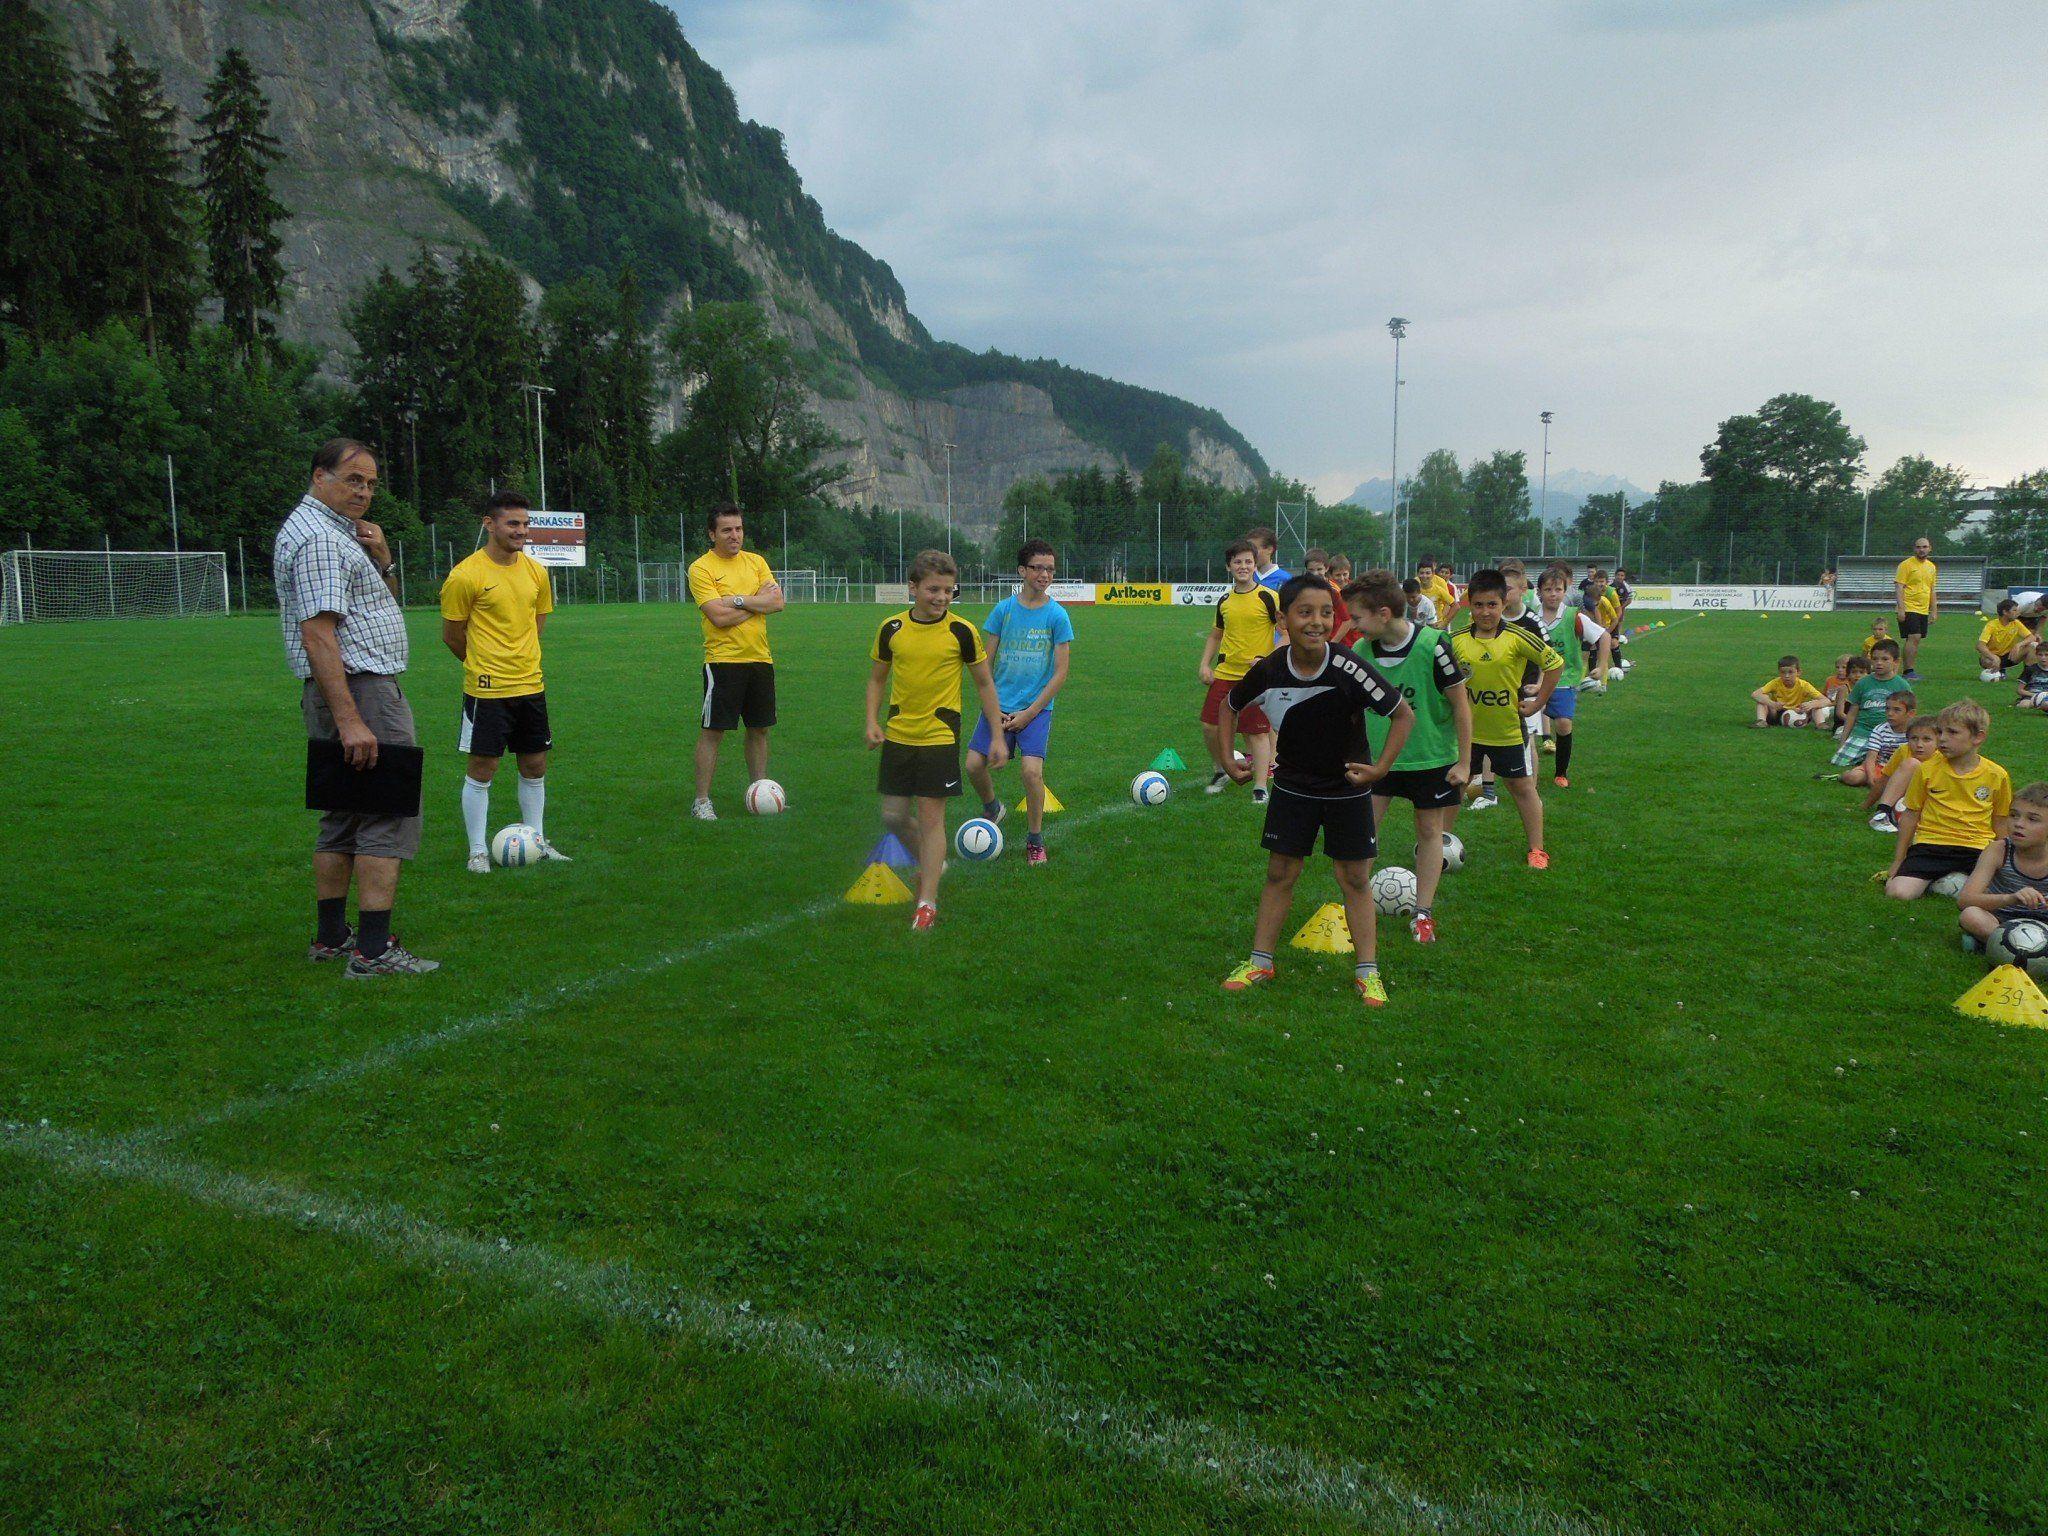 Die Kicker des SC Graf Hatlerdorf üben fleißig für ihren großen Auftritt beim Festabend zum 100. Geburtstag des FC Dornbirn.